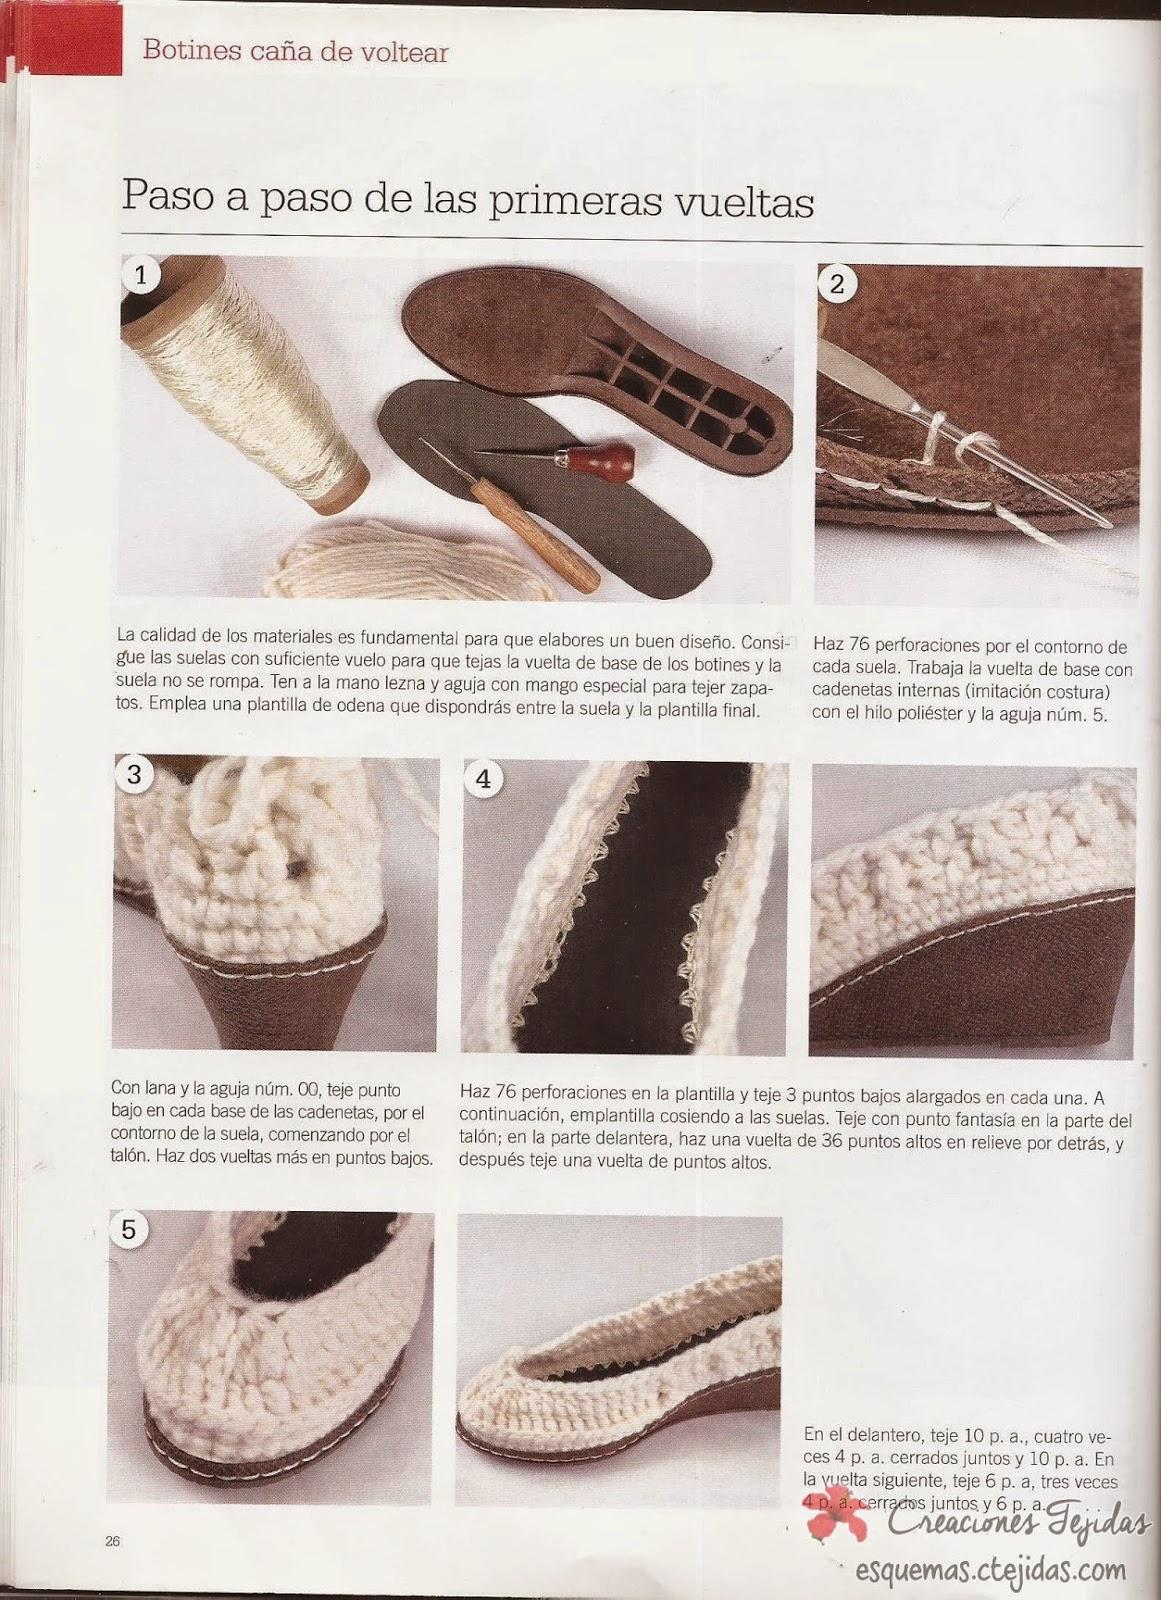 Zapatos a Crochet - Botines Cana de Voltear